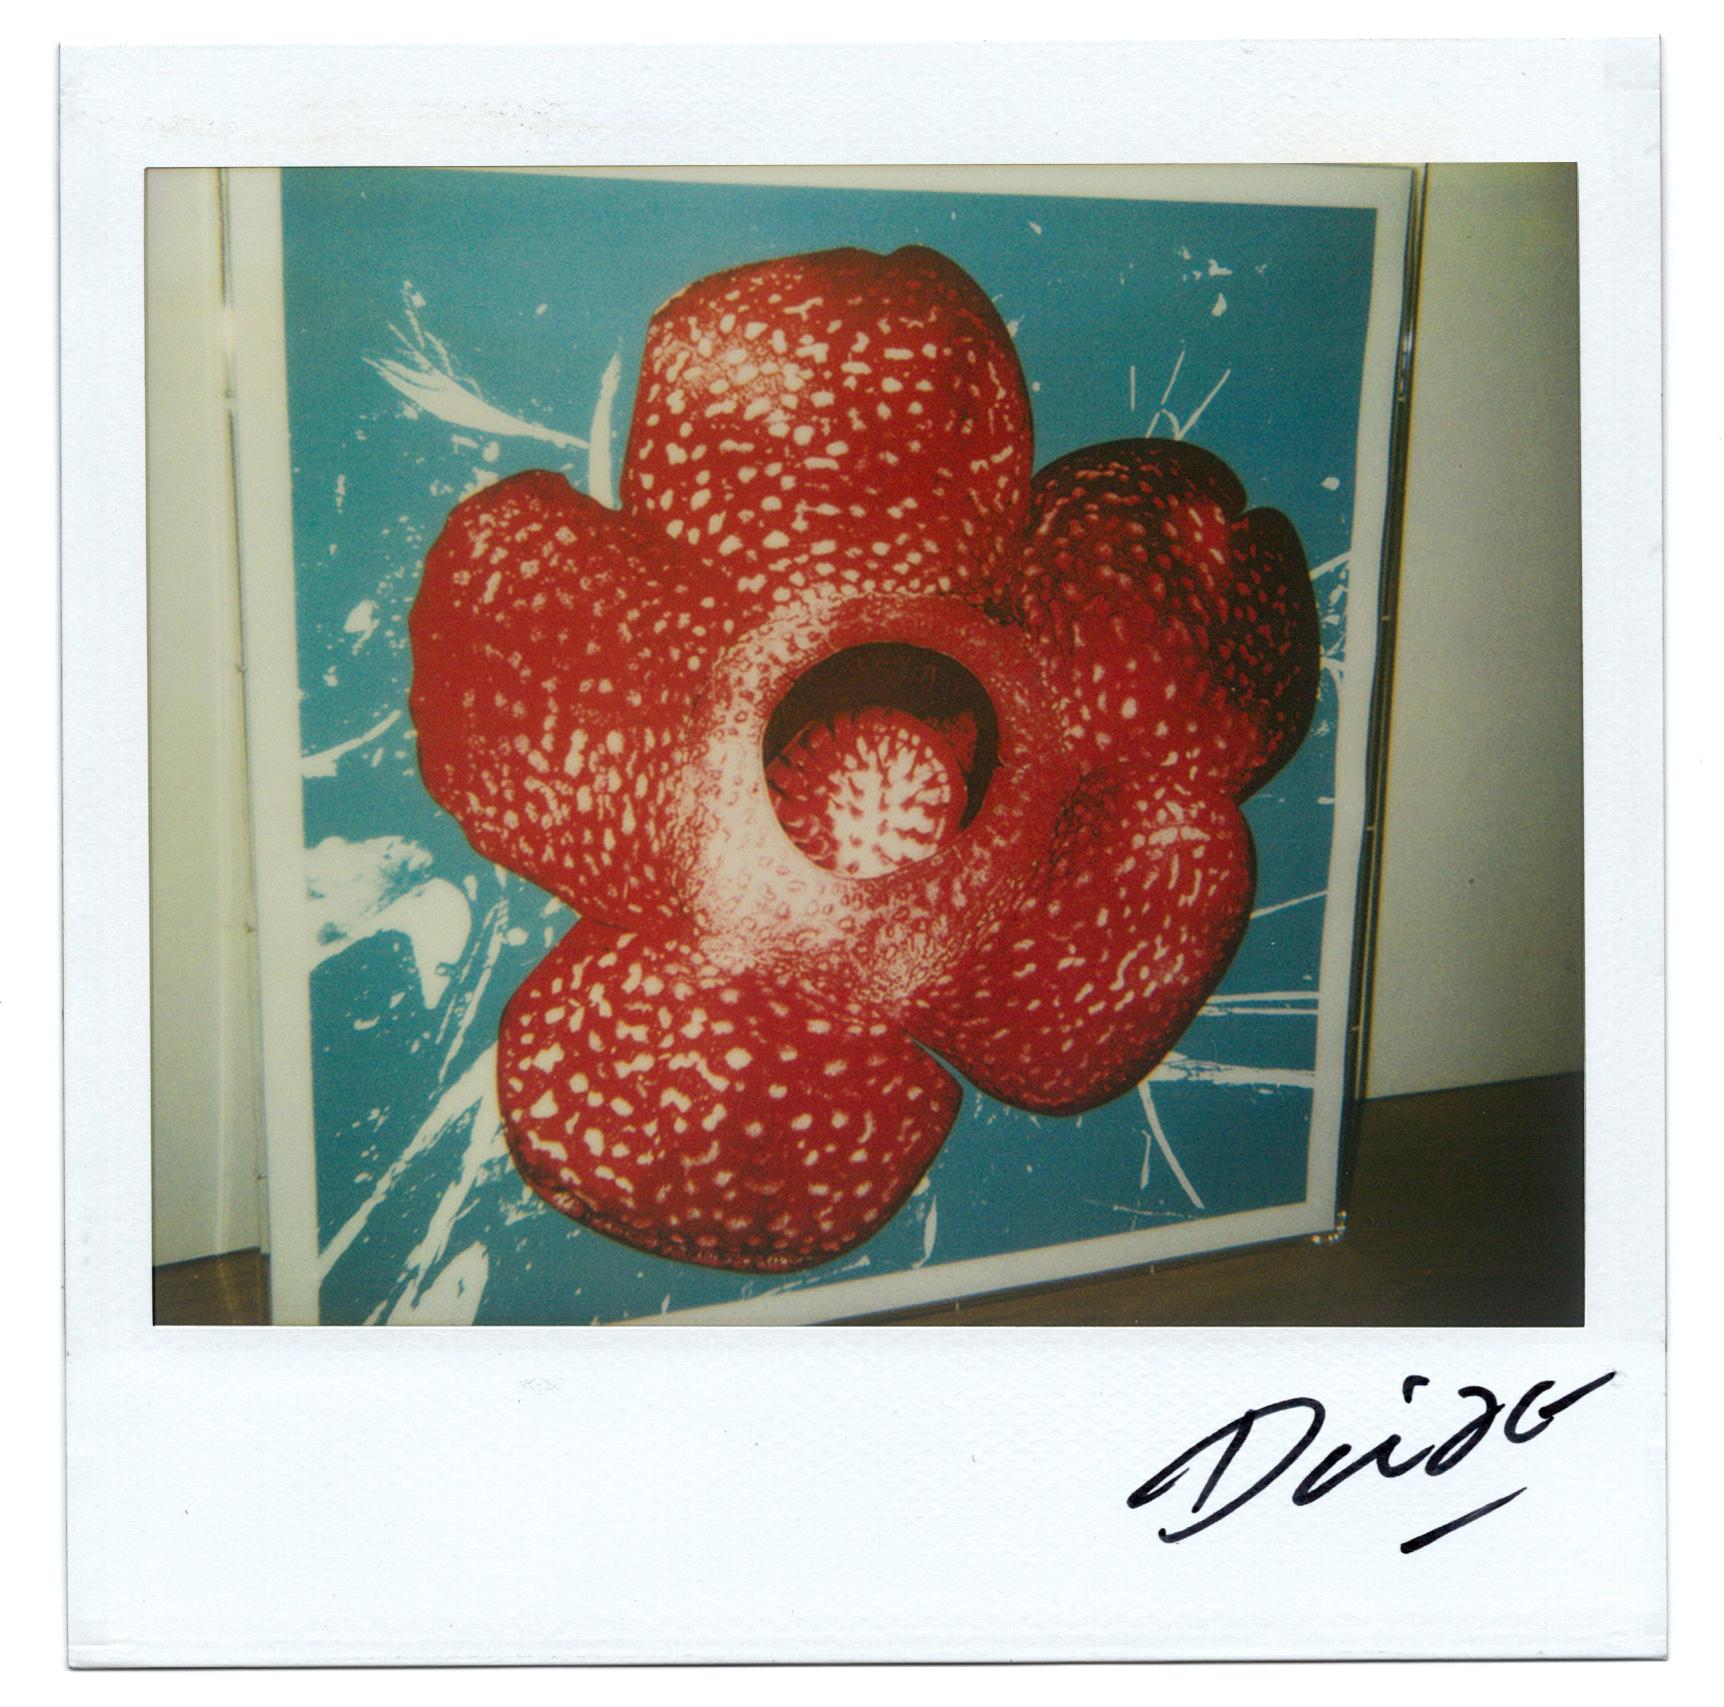 Moriyama Daido, bye-bye polaroid, 2008, Polaroid, 10 x 10 cm1